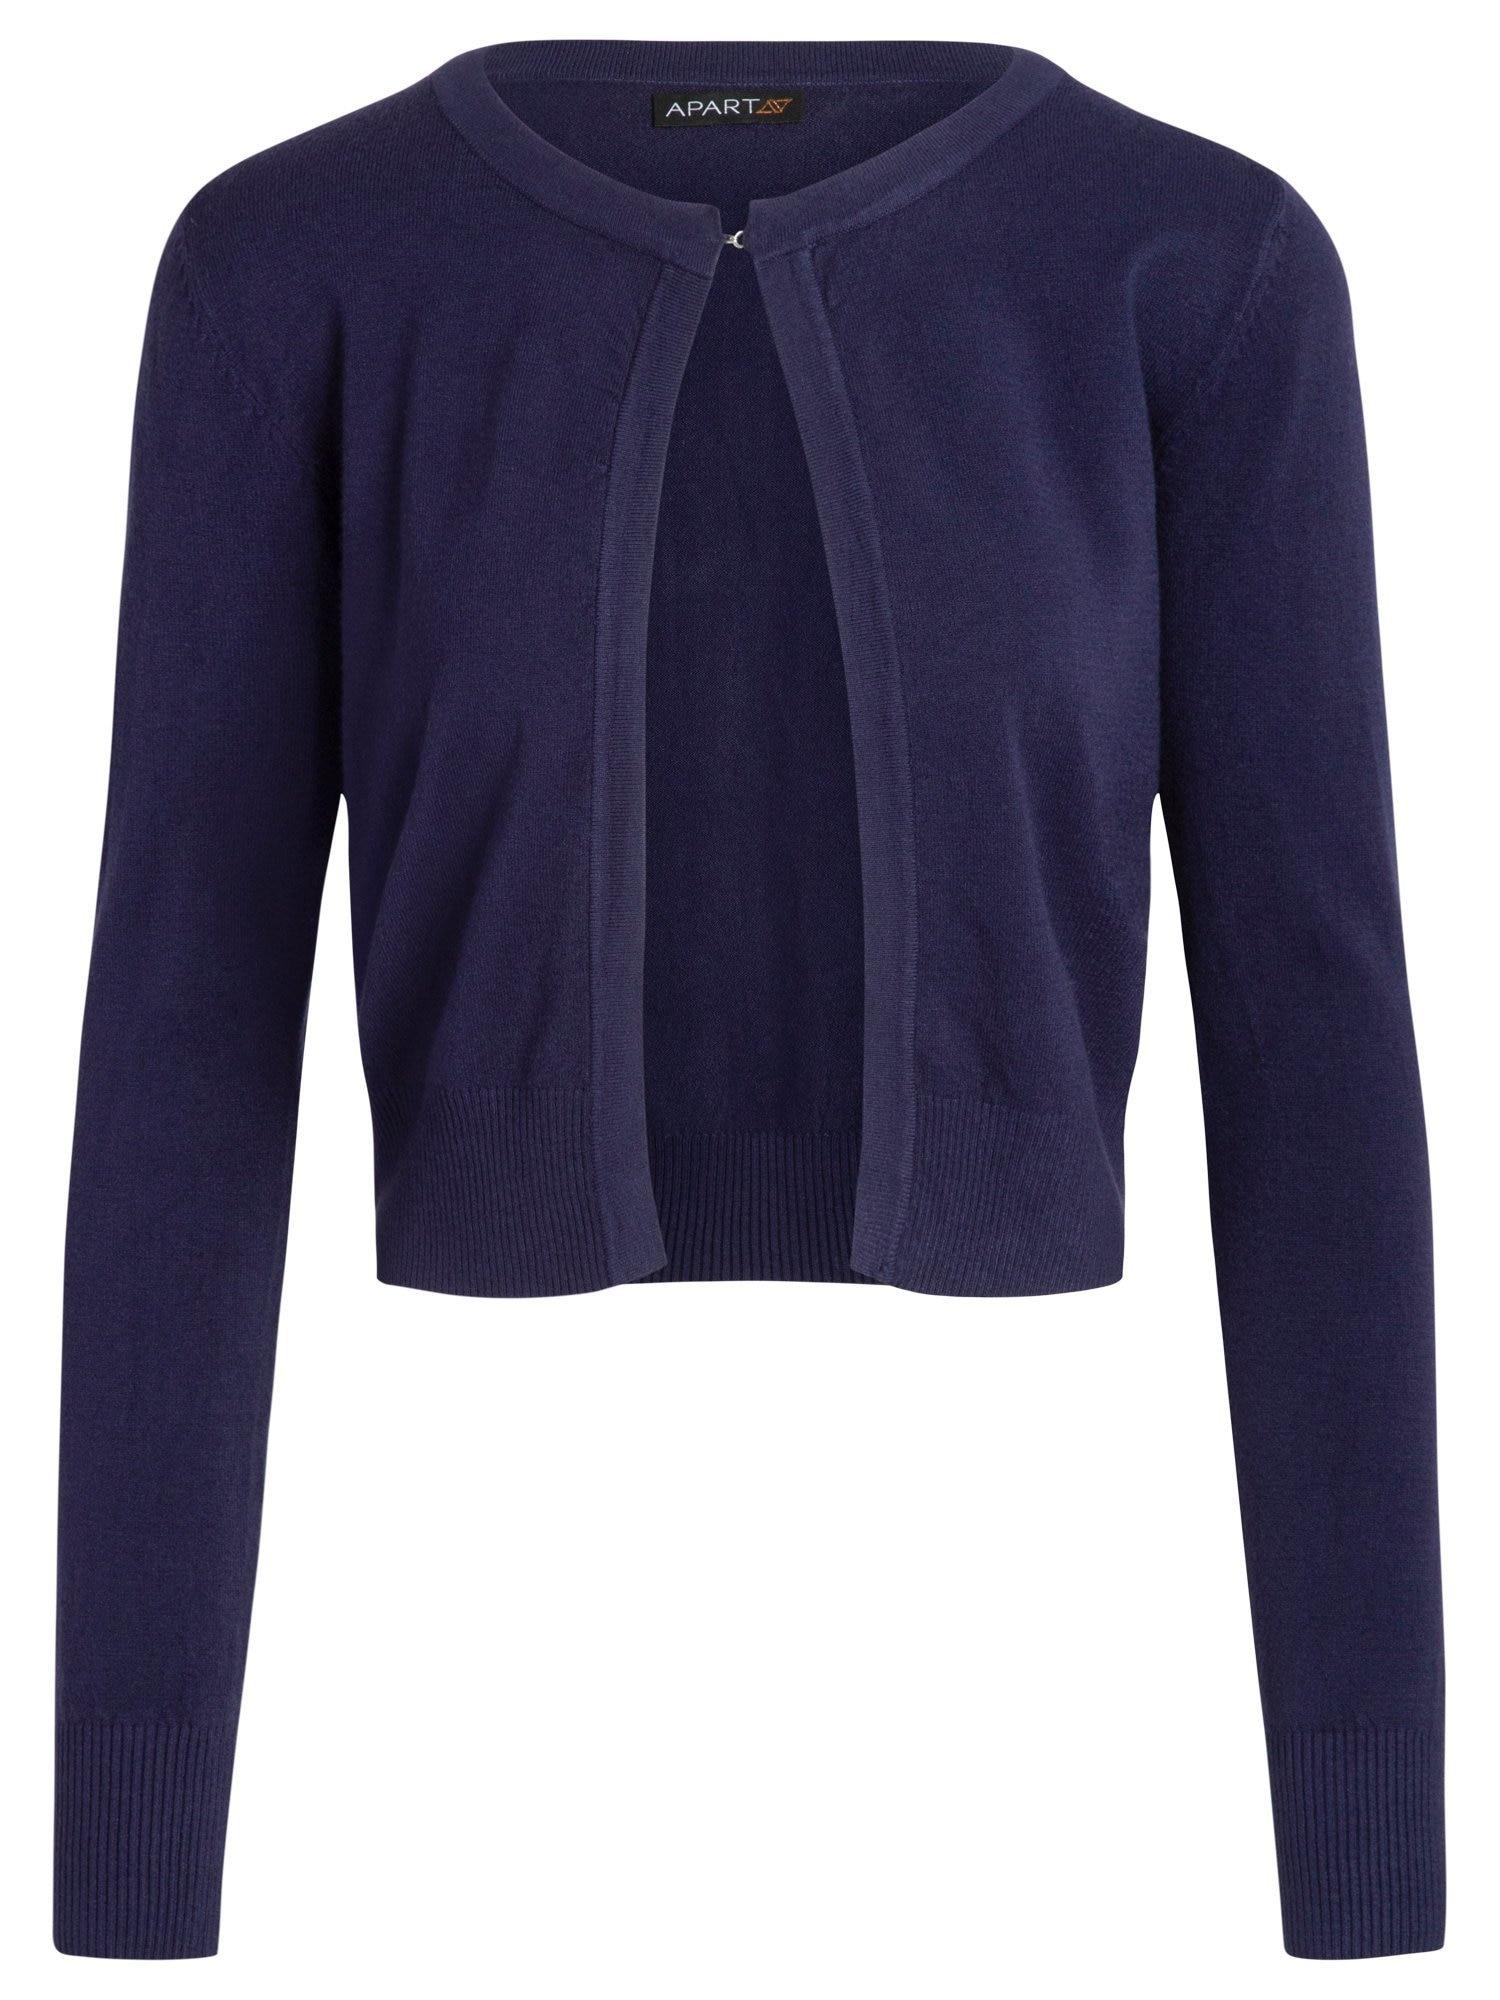 Strickbolero aus feinem, kuscheligem Material   Bekleidung > Jacken > Boleros   Apart